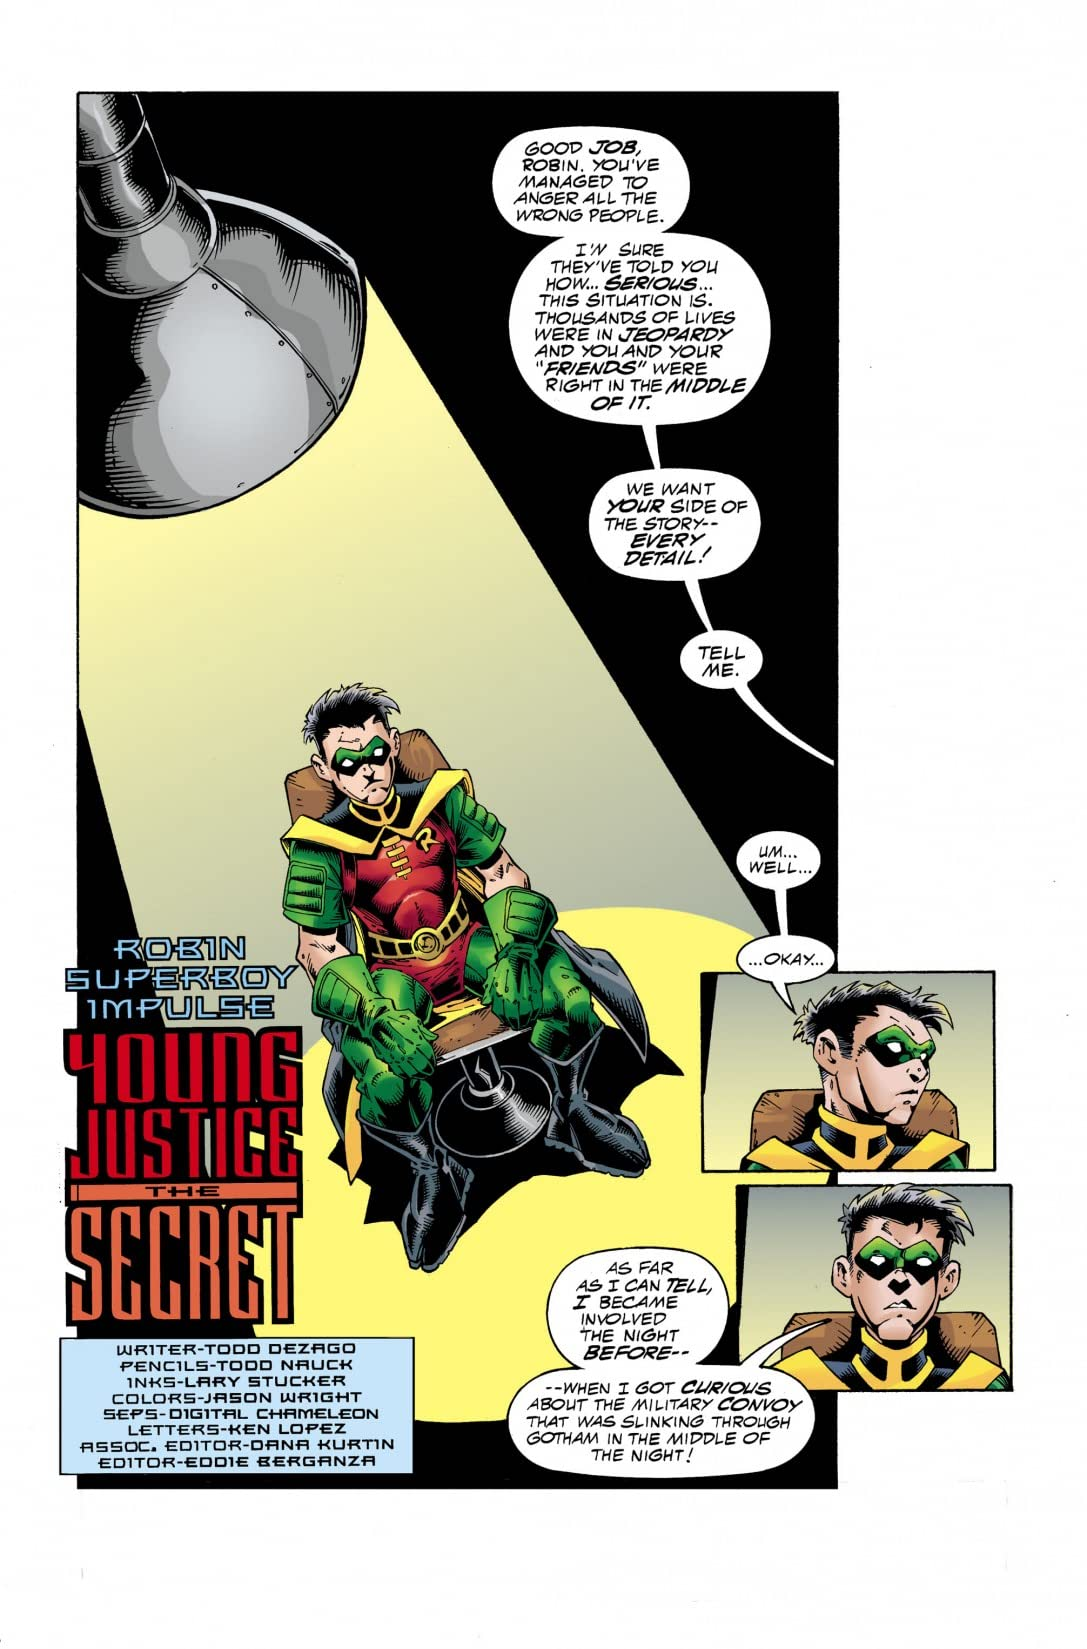 DC Comics Presents: Young Justice #2